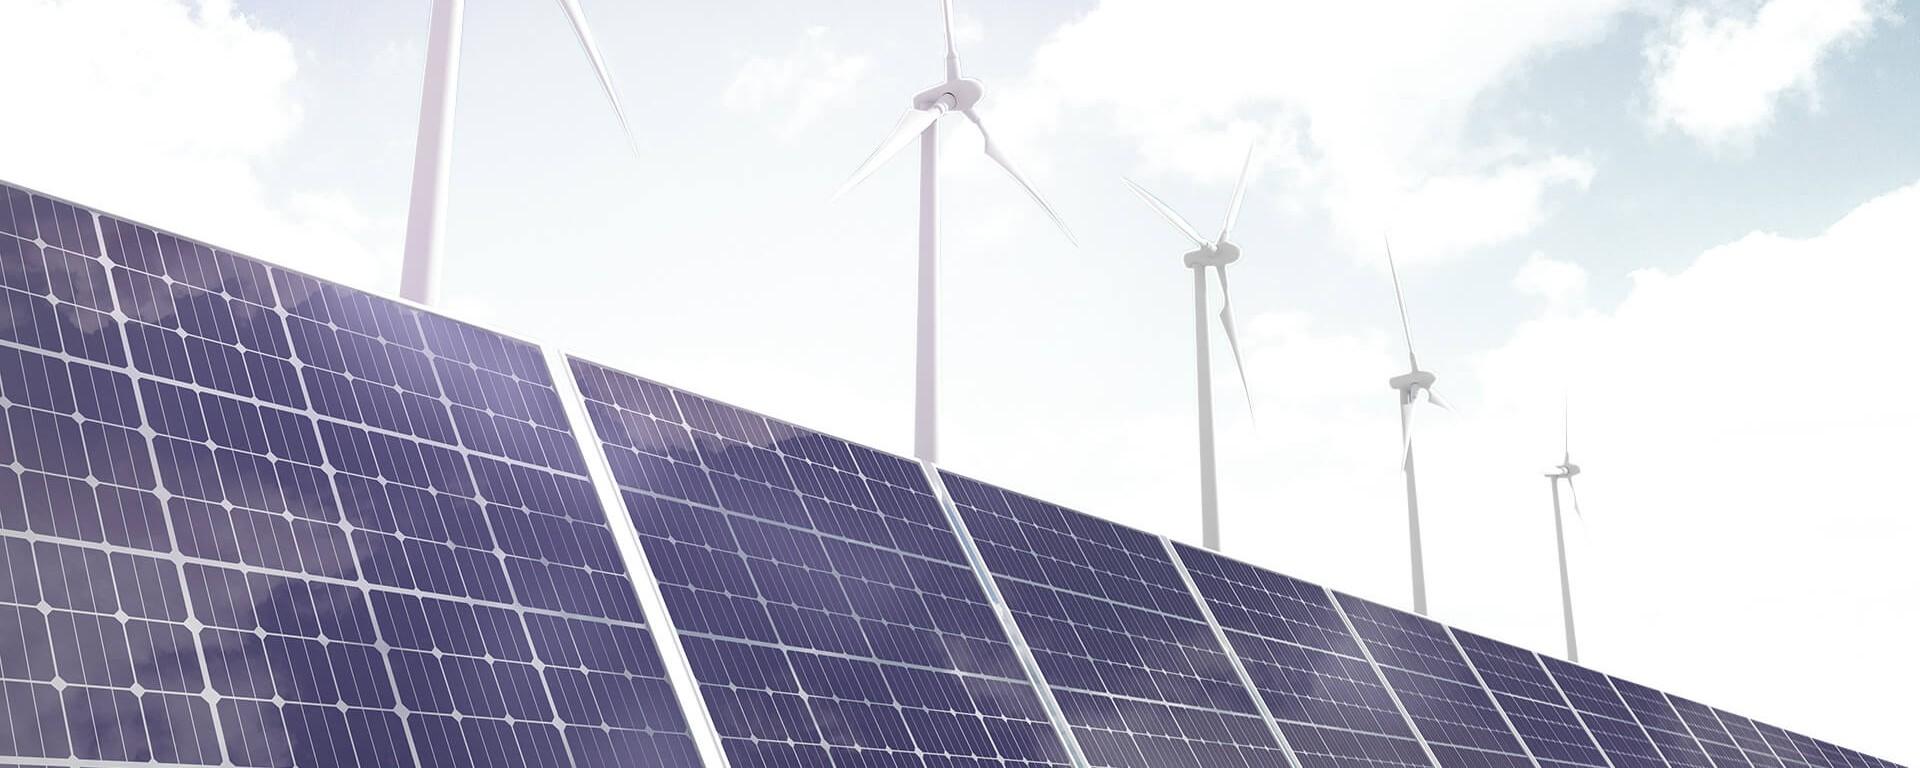 Welser_Stahlprofile_Energiegewinnung_Umwelttechnik